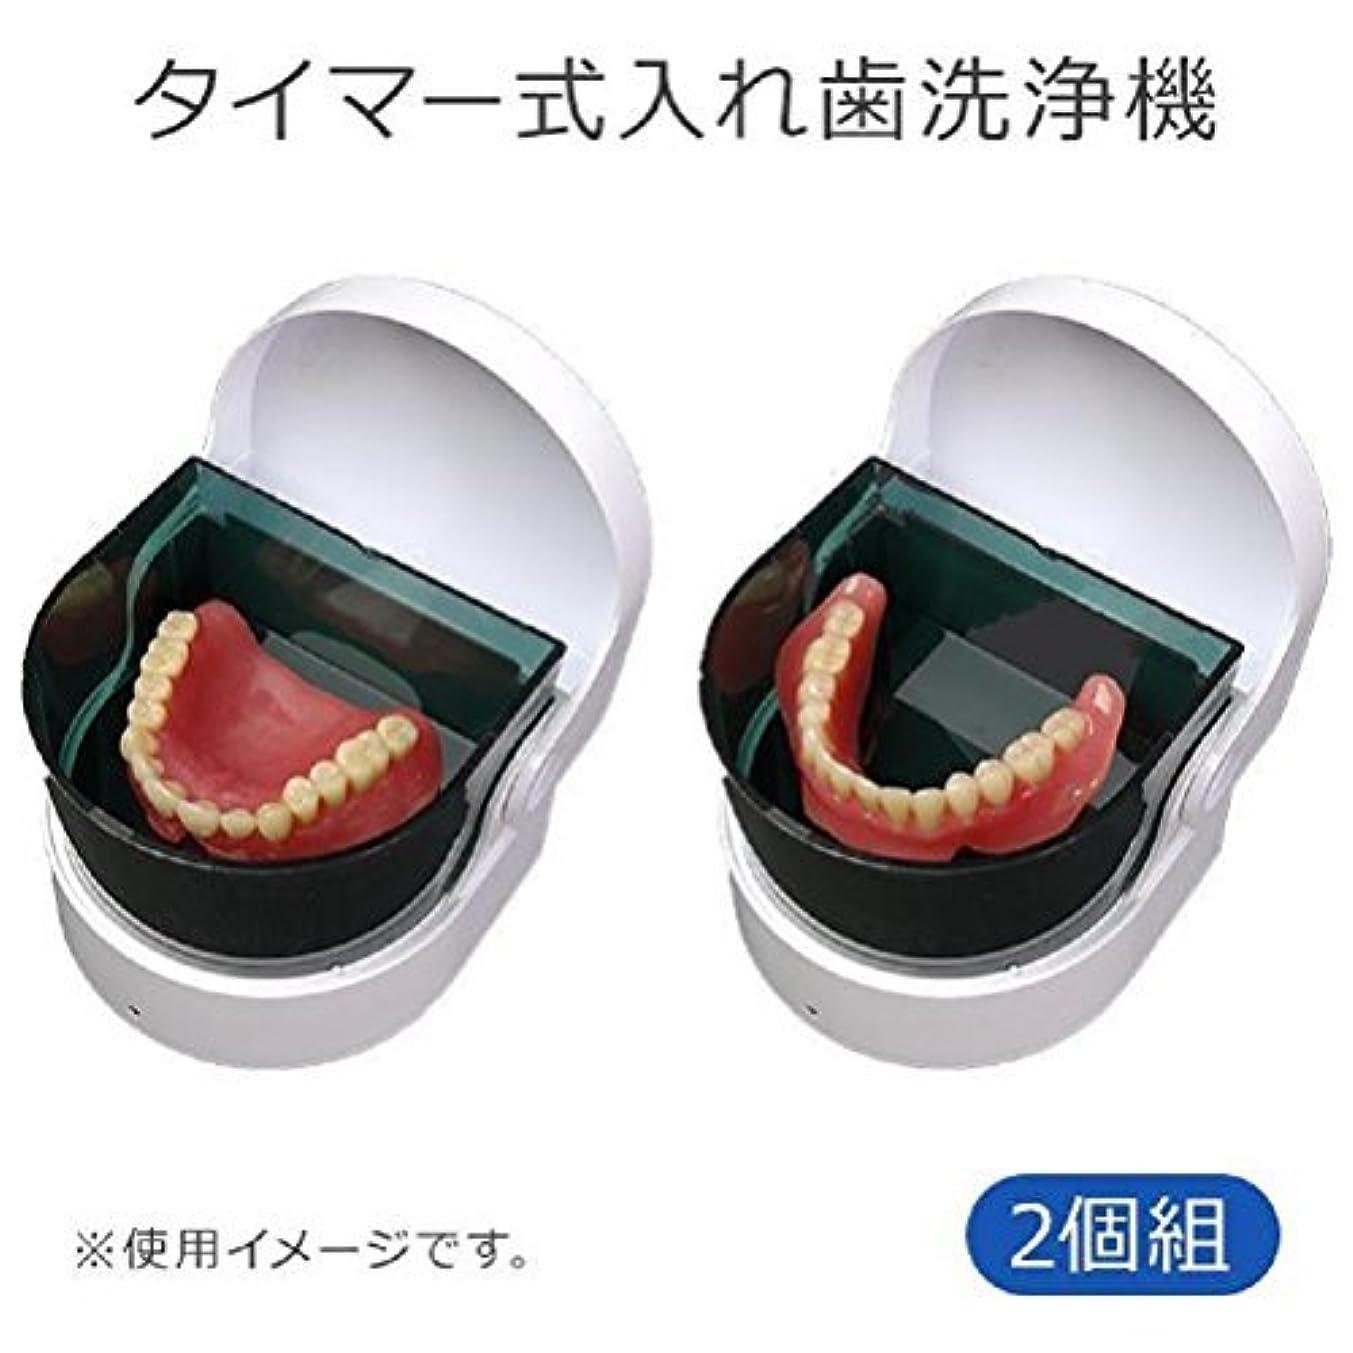 化学者悪用左タイマー式入れ歯洗浄機 2個組 K12327